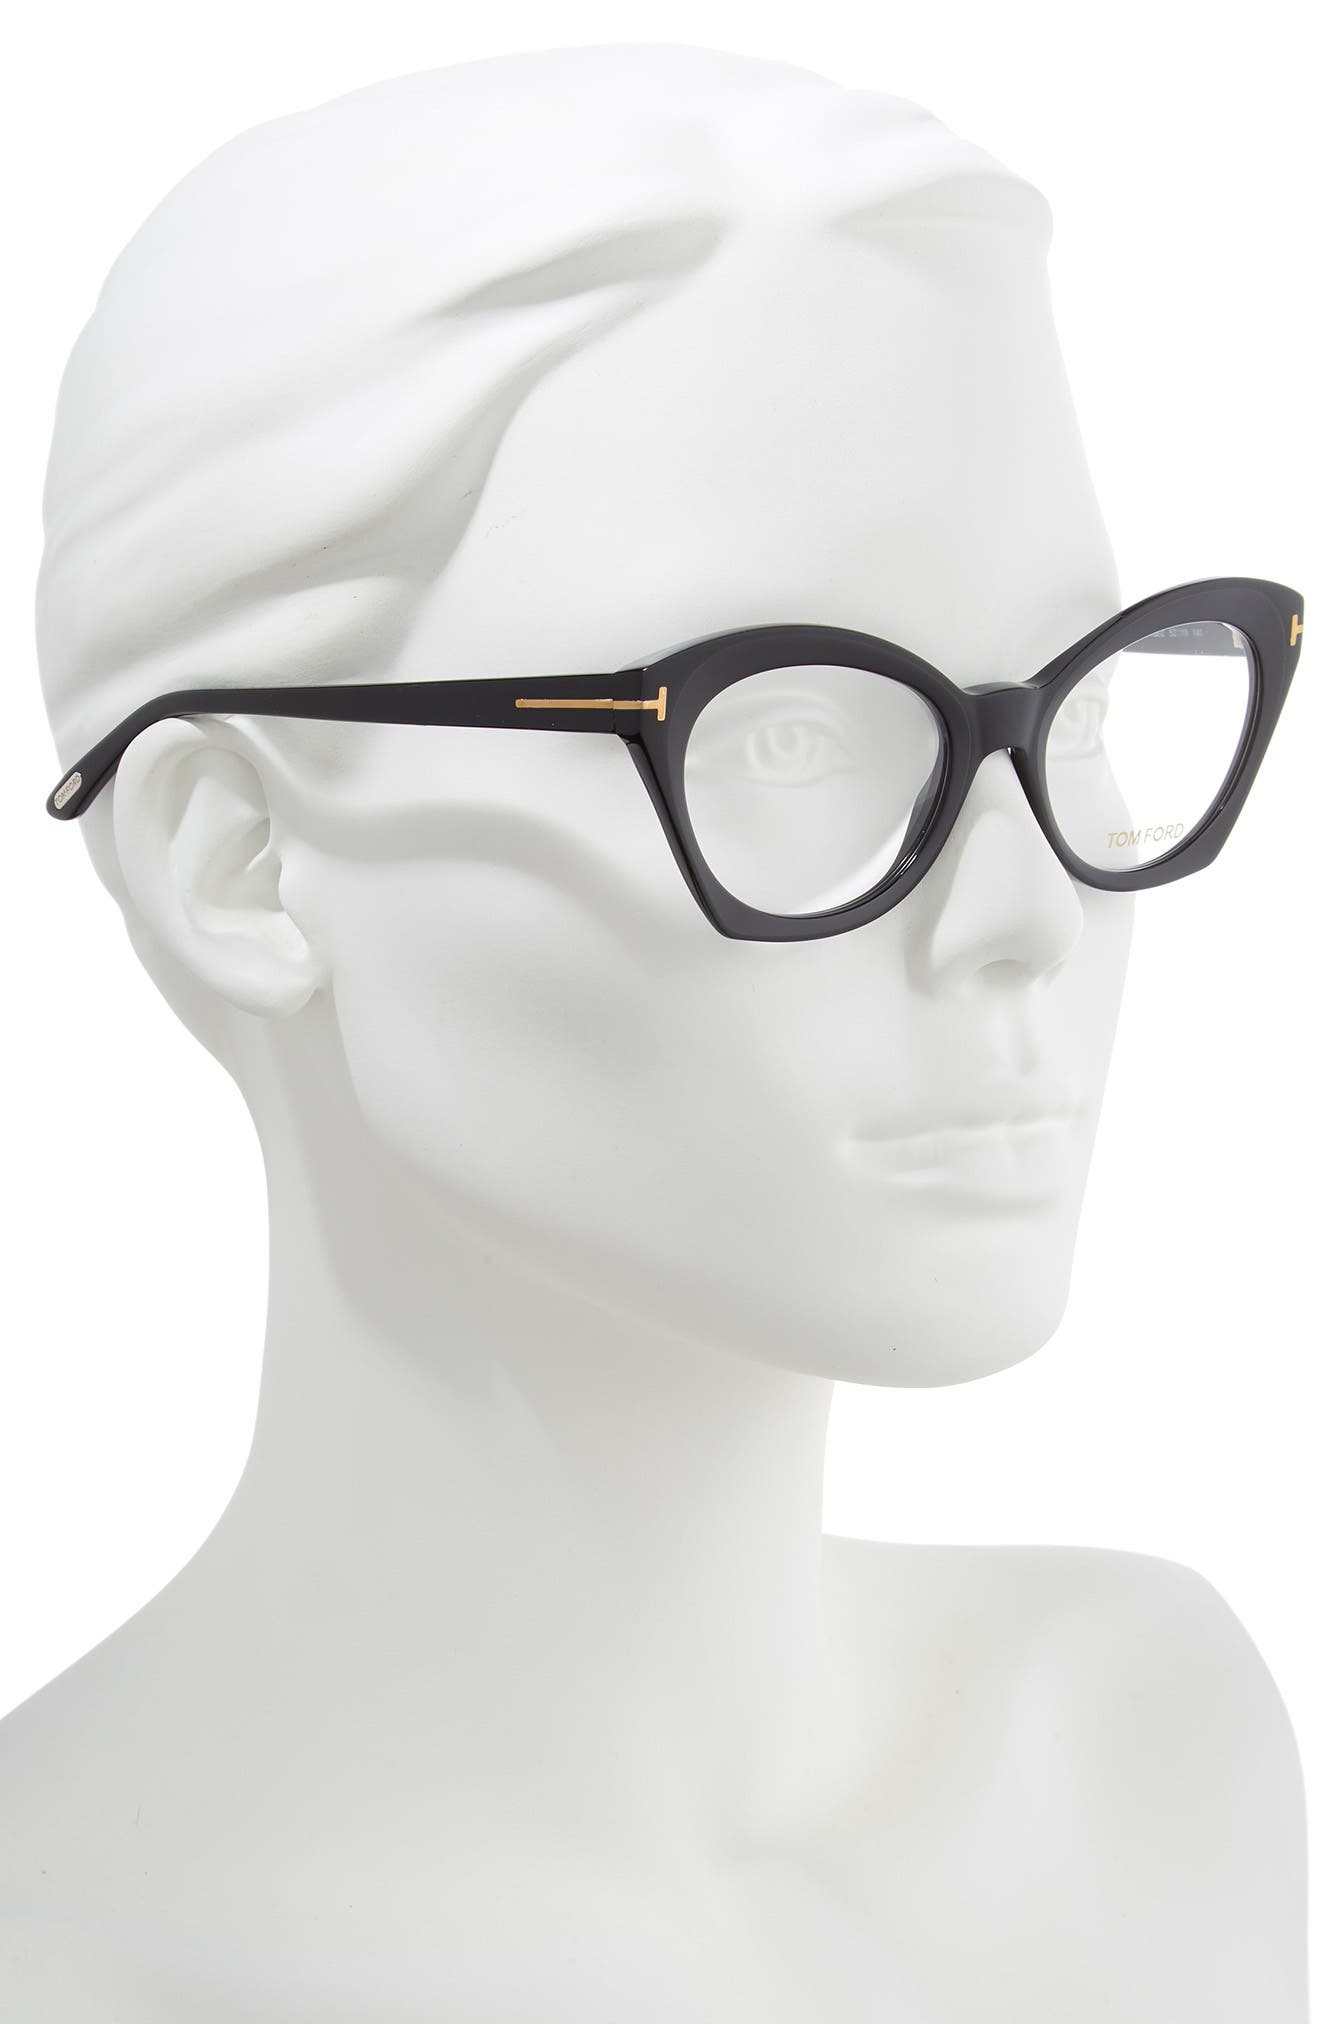 52mm Optical Glasses,                             Alternate thumbnail 2, color,                             SHINY BLACK/ SHINY ROSE GOLD